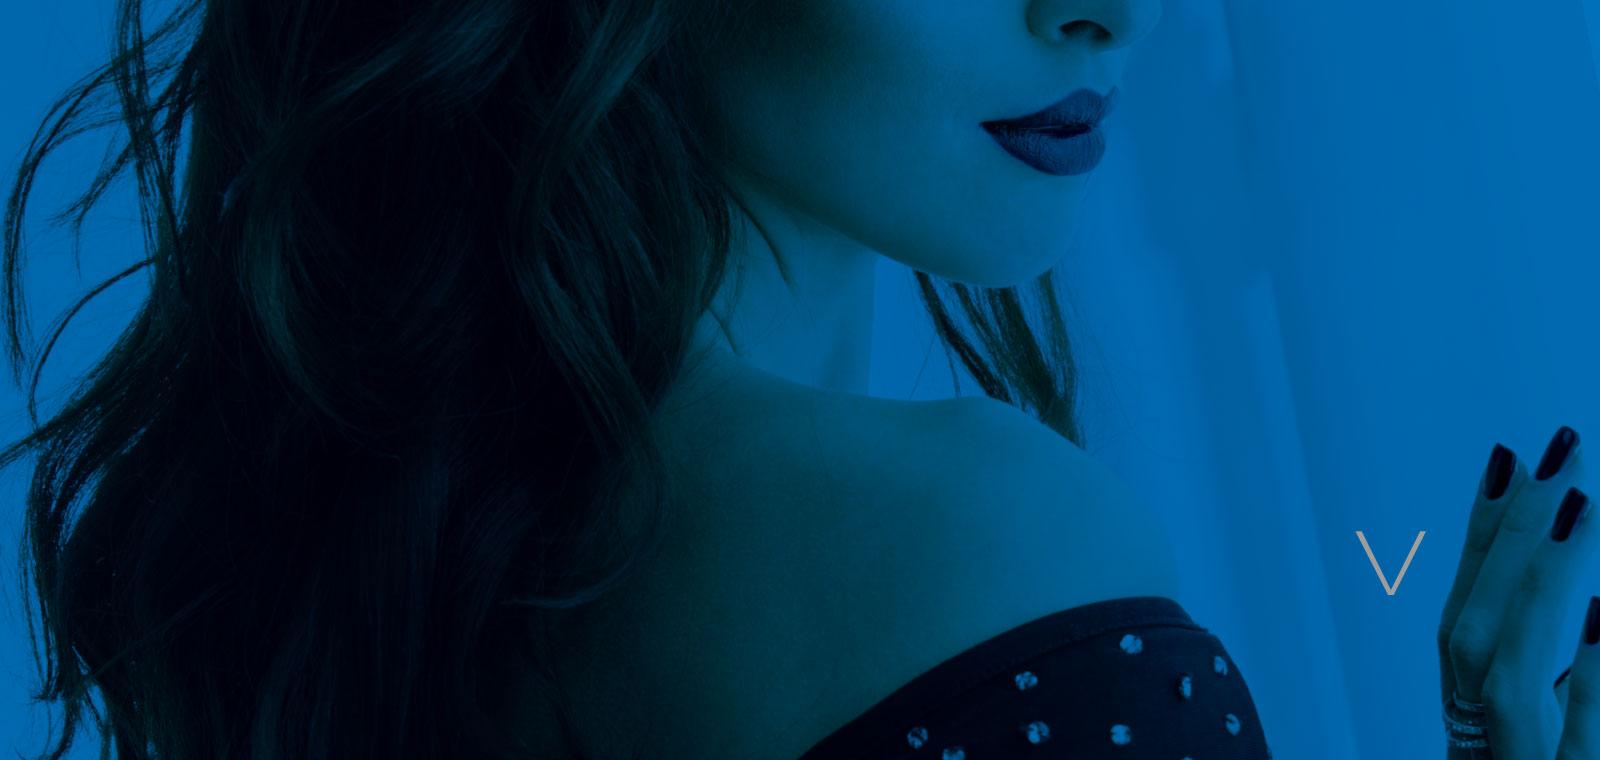 sfondo-home-progetti-blue-arrow